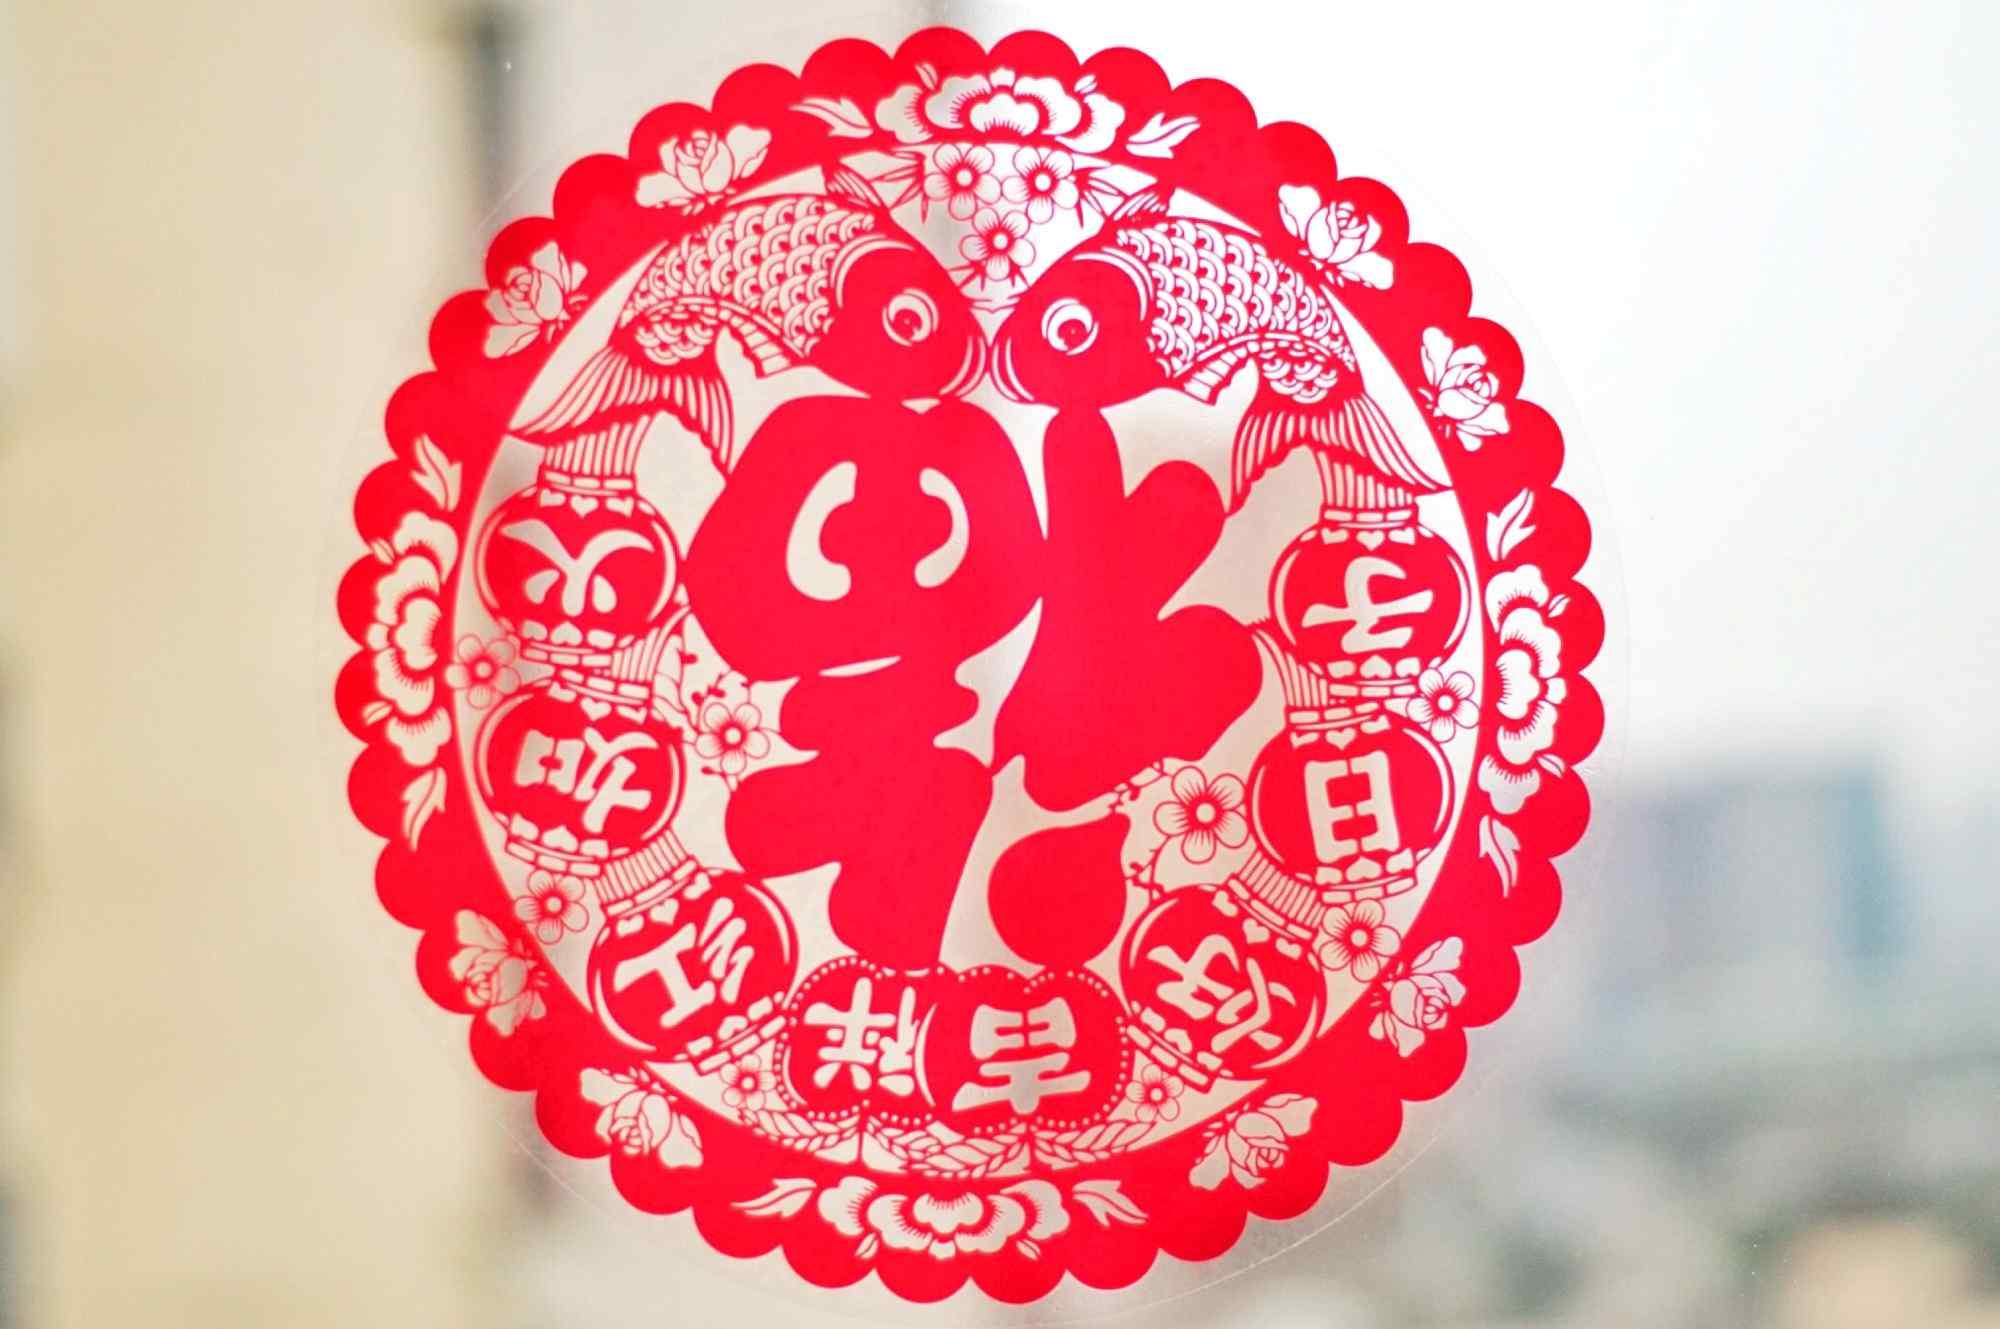 新年福字剪纸图片高清桌面壁纸